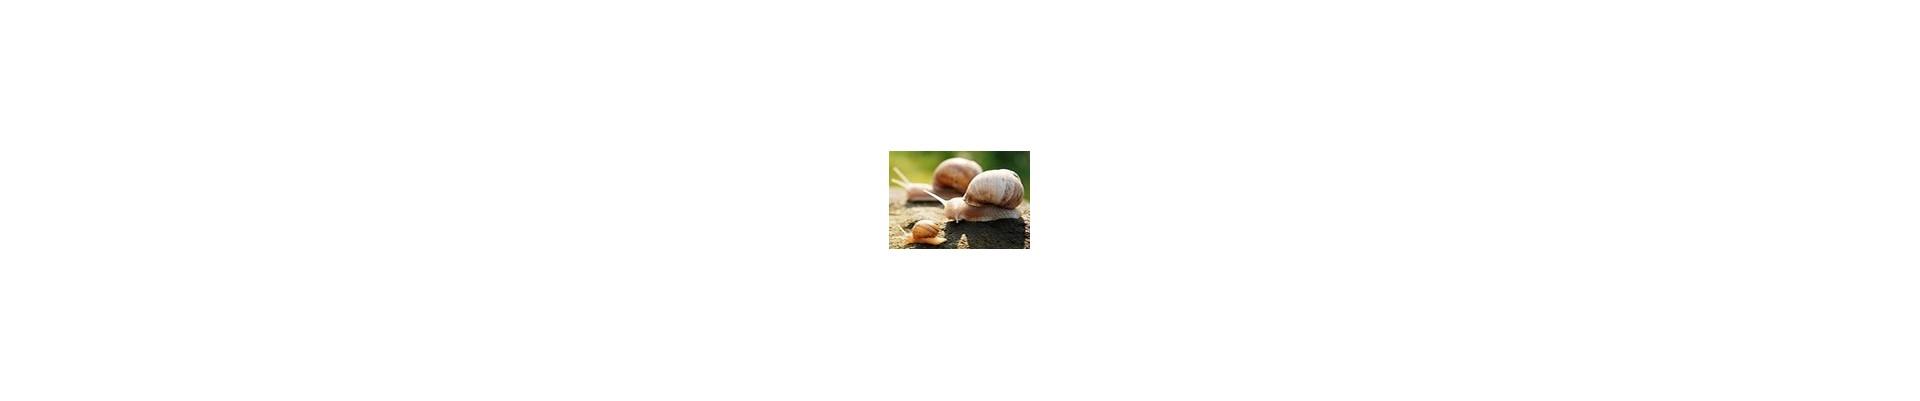 Online sales of gastronomic snails